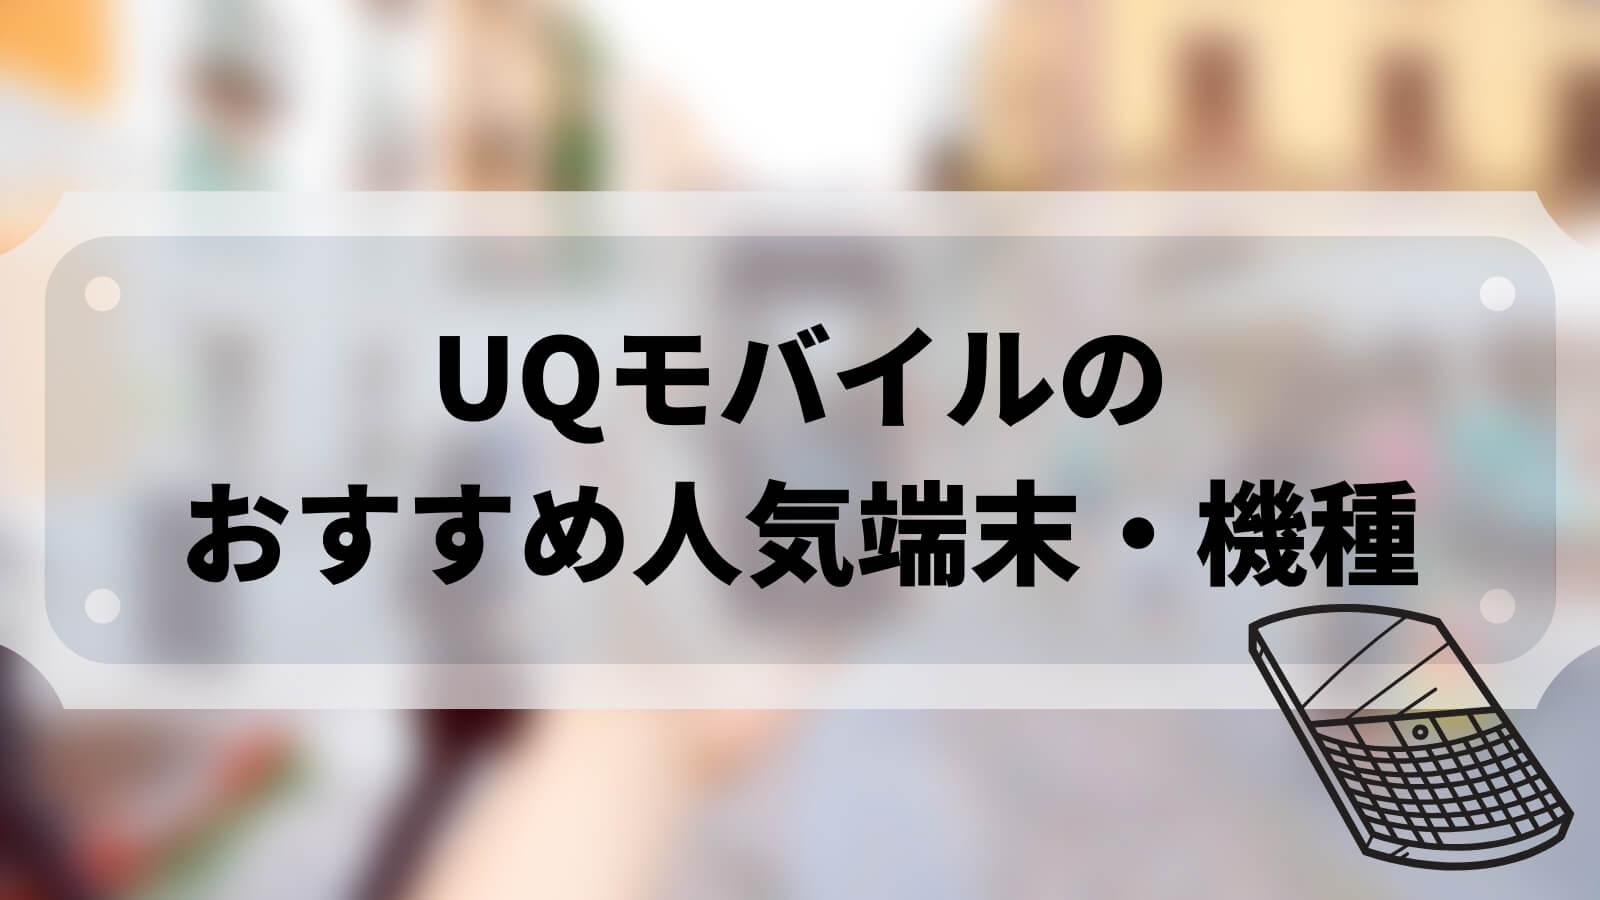 【2020年最新】UQモバイルのおすすめ人気端末・機種をランキング形式で比較